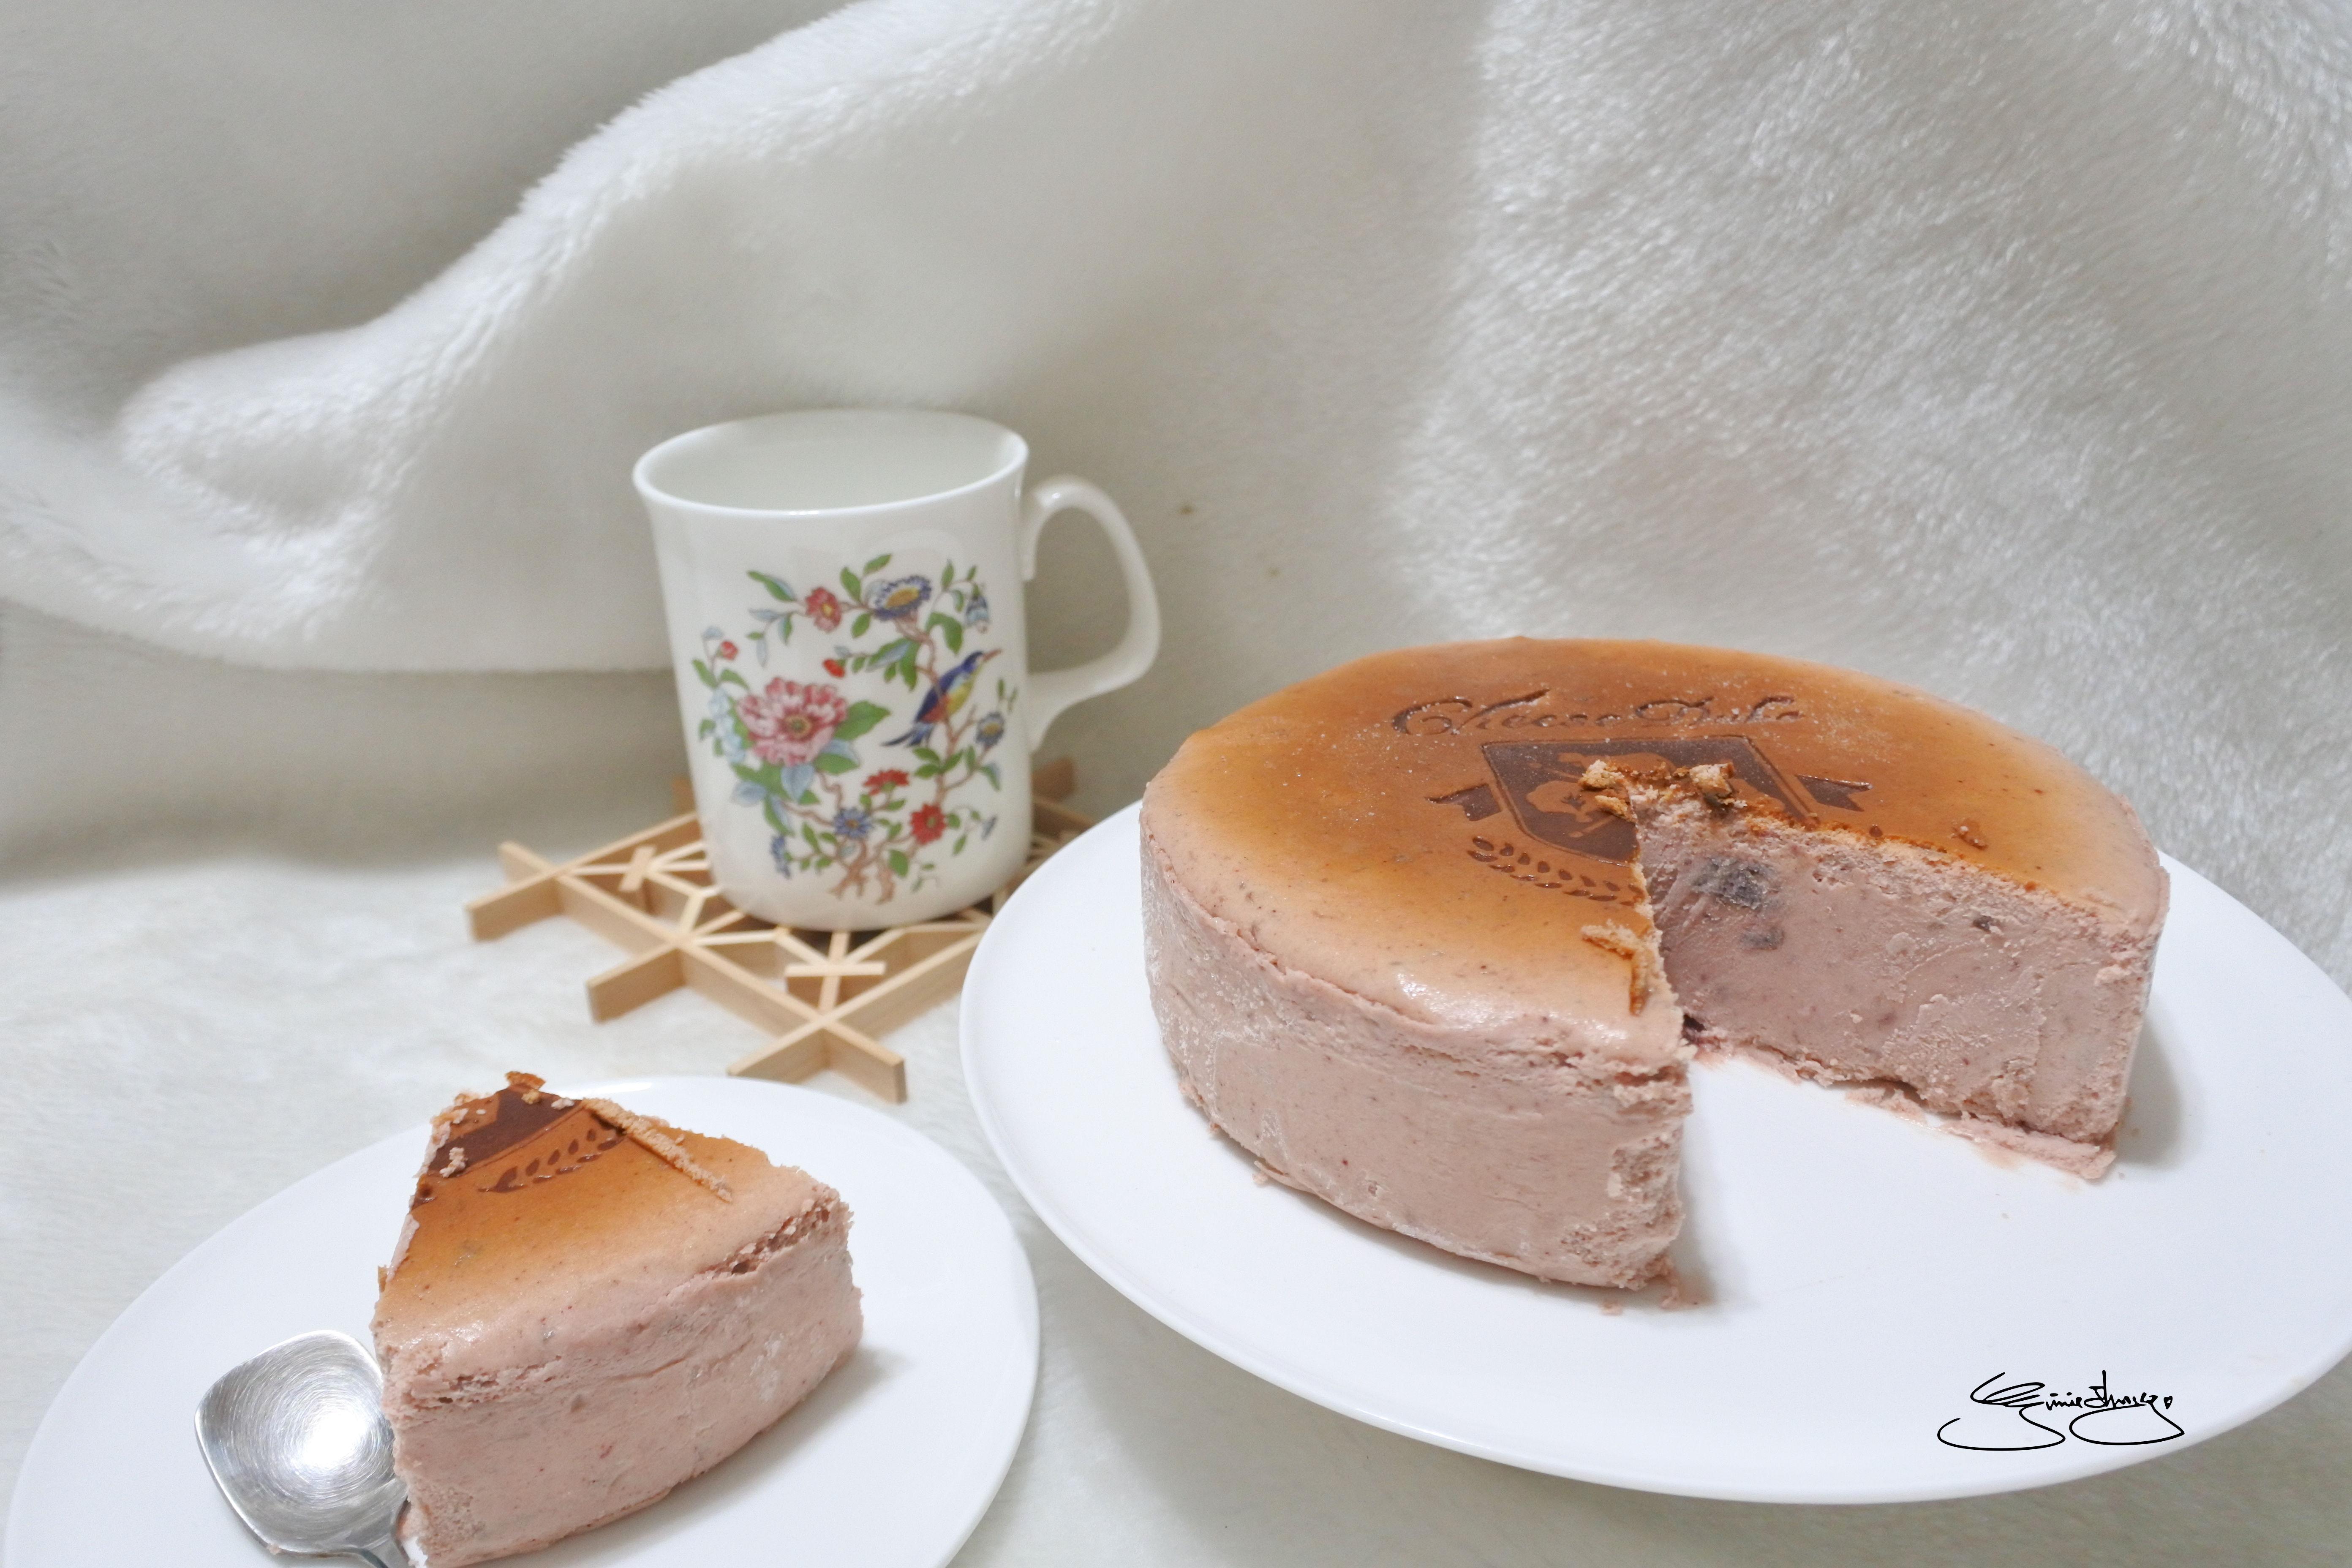 起士公爵 南國玫瑰女王乳酪蛋糕